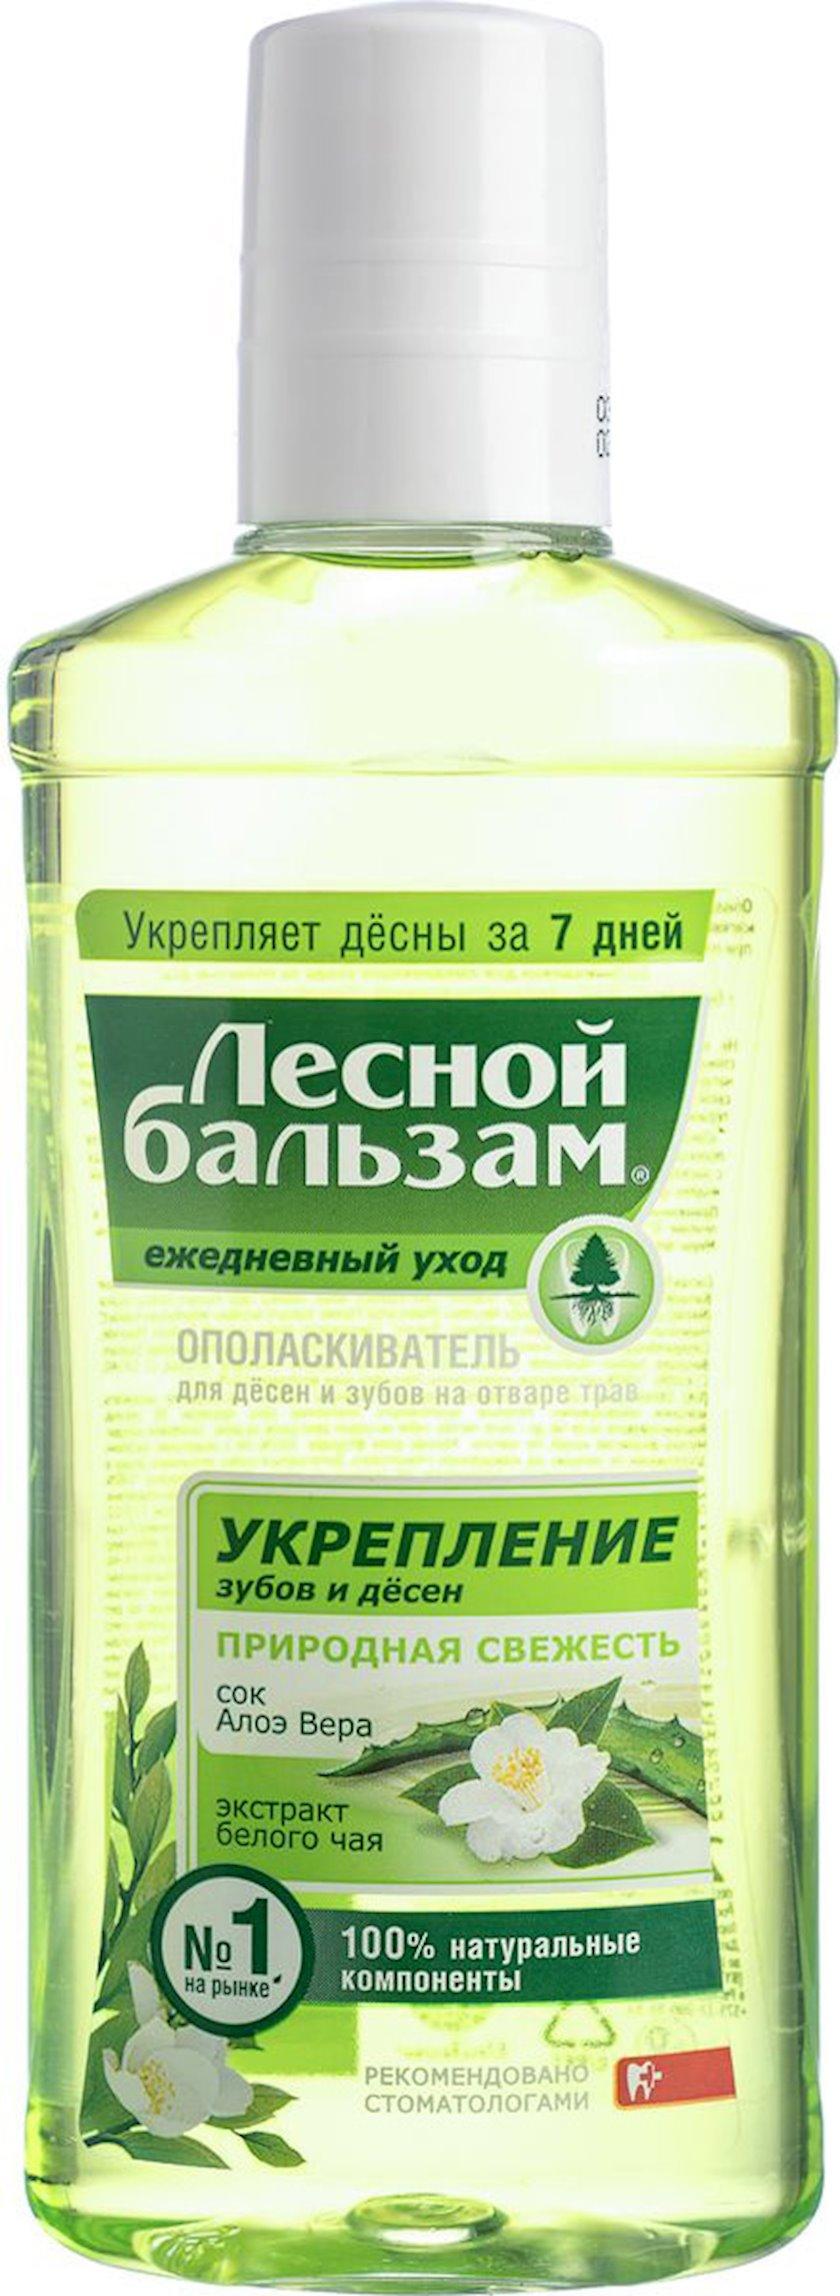 Ağız boşluğu yaxalayıcısı Лесной бальзам Təbiət təravəti, 250 ml